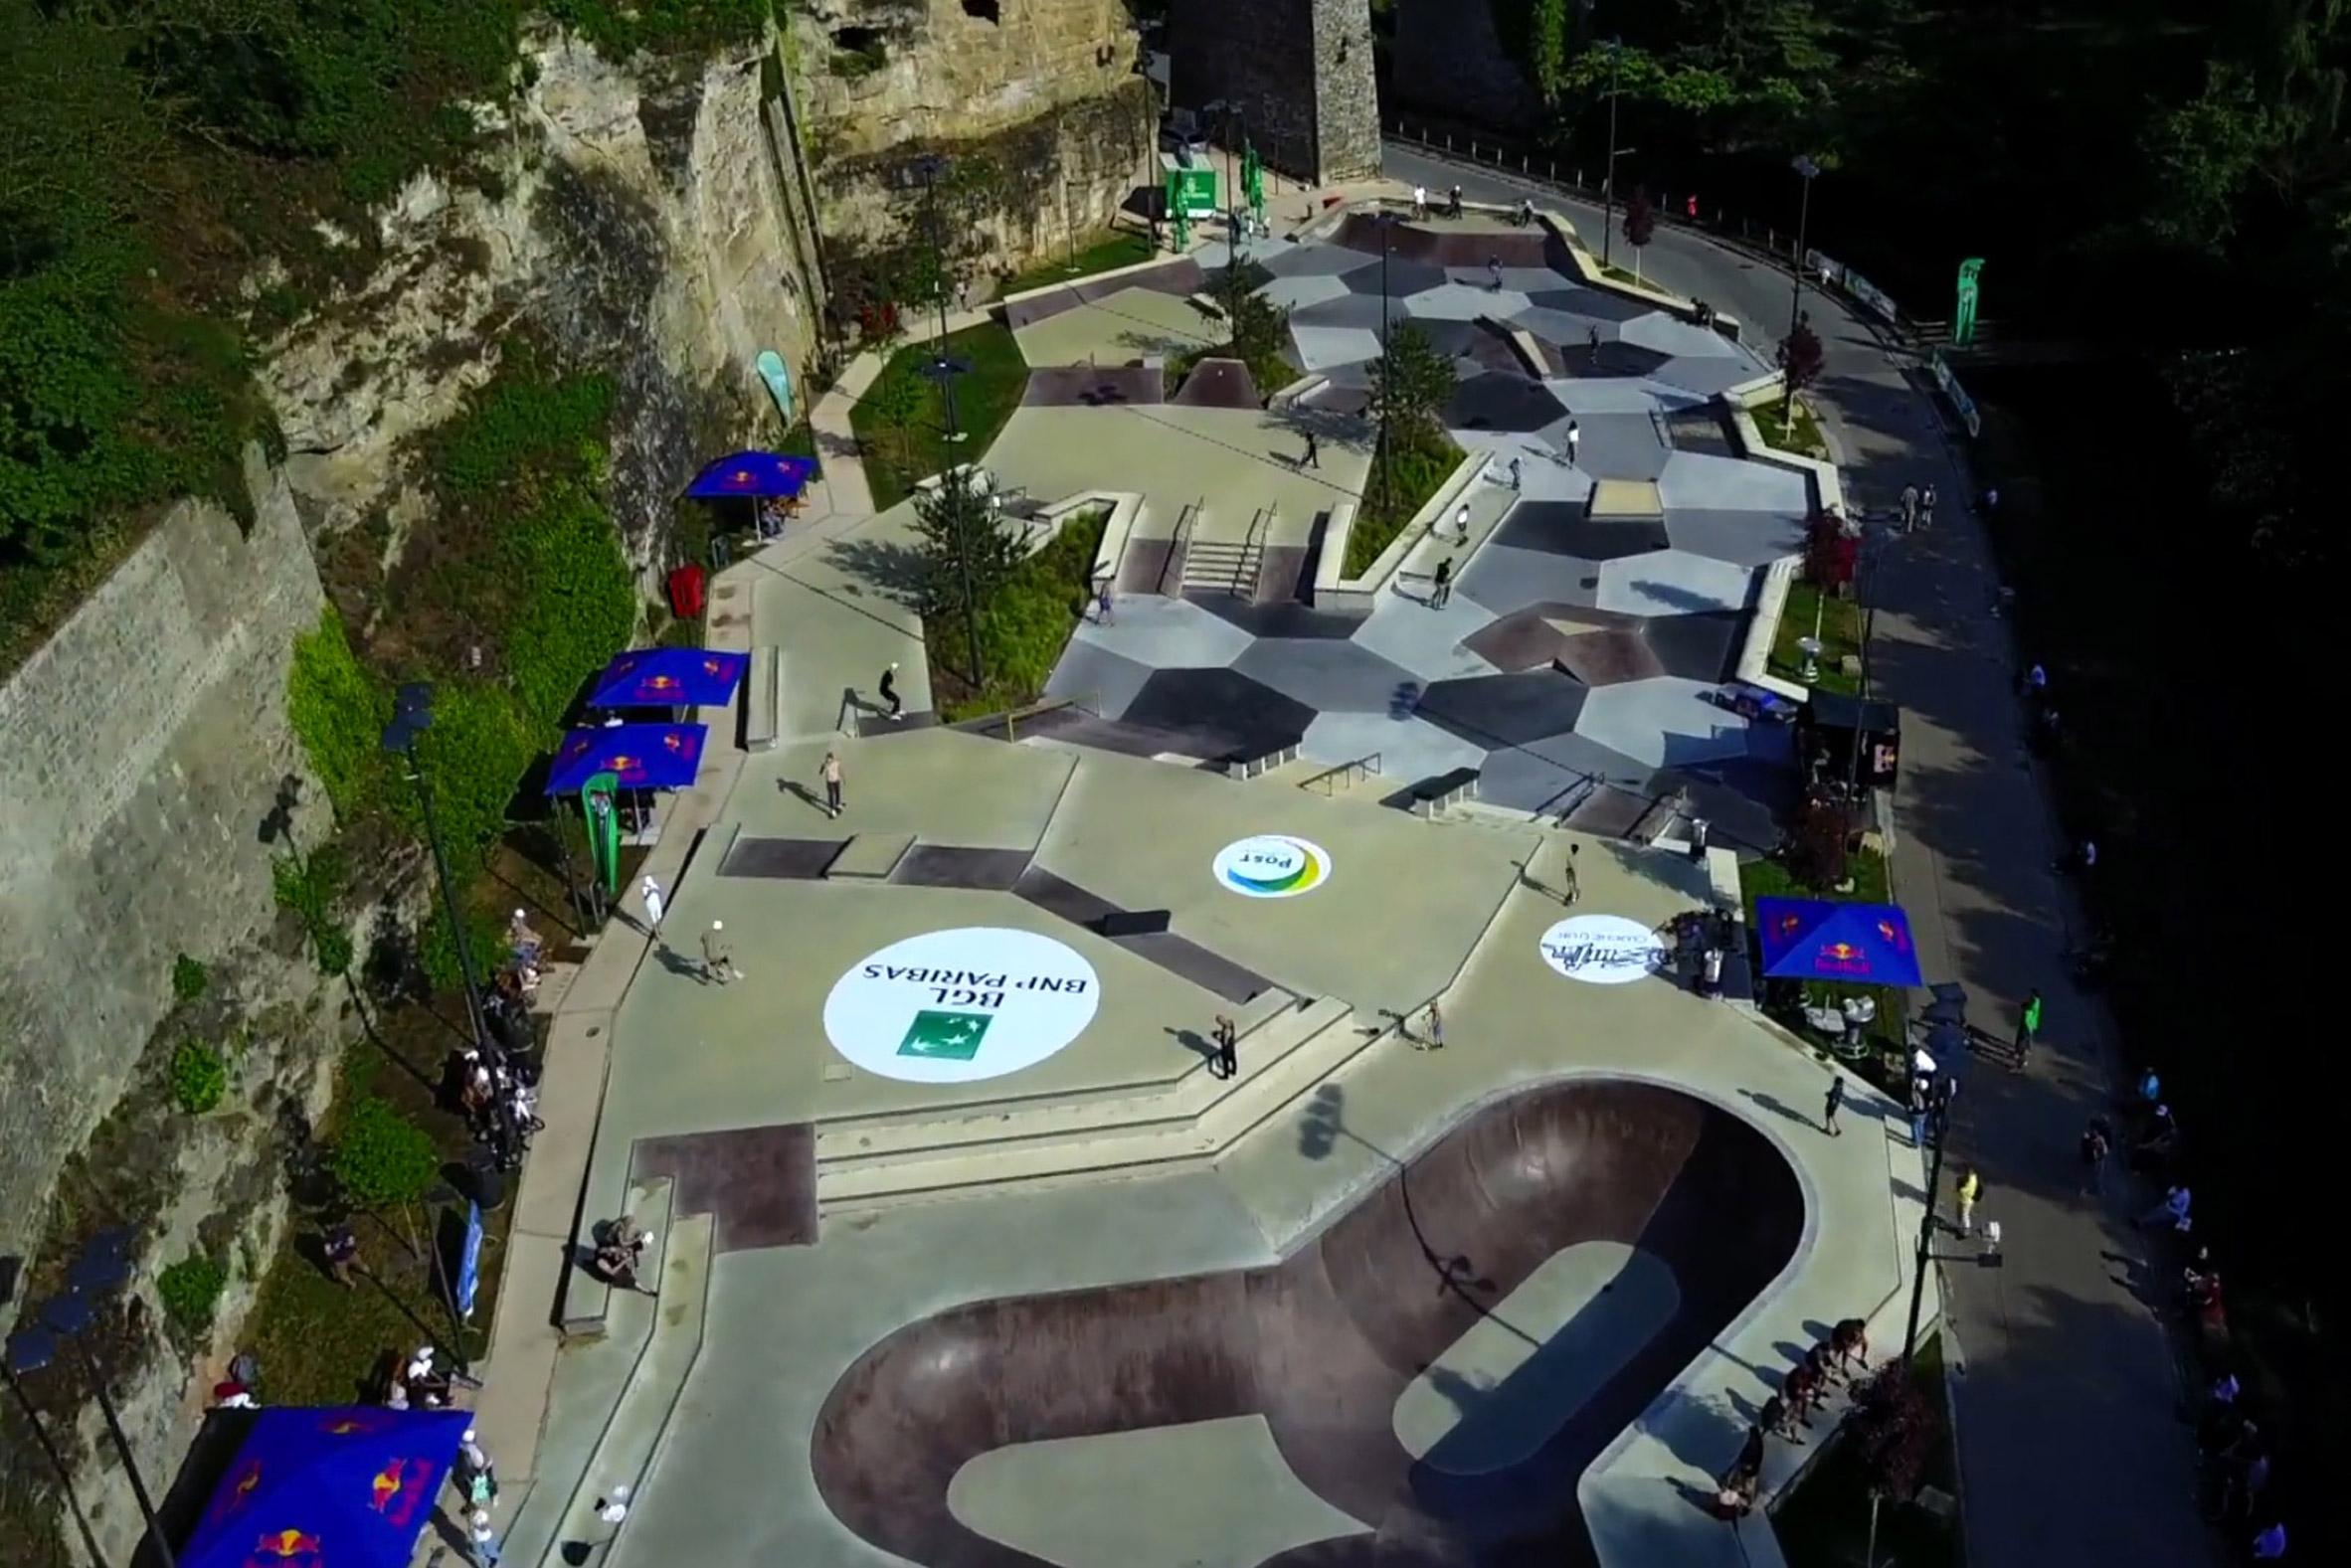 Skatepark architecture: 11 skateparks that tell the story of skateboarding culture